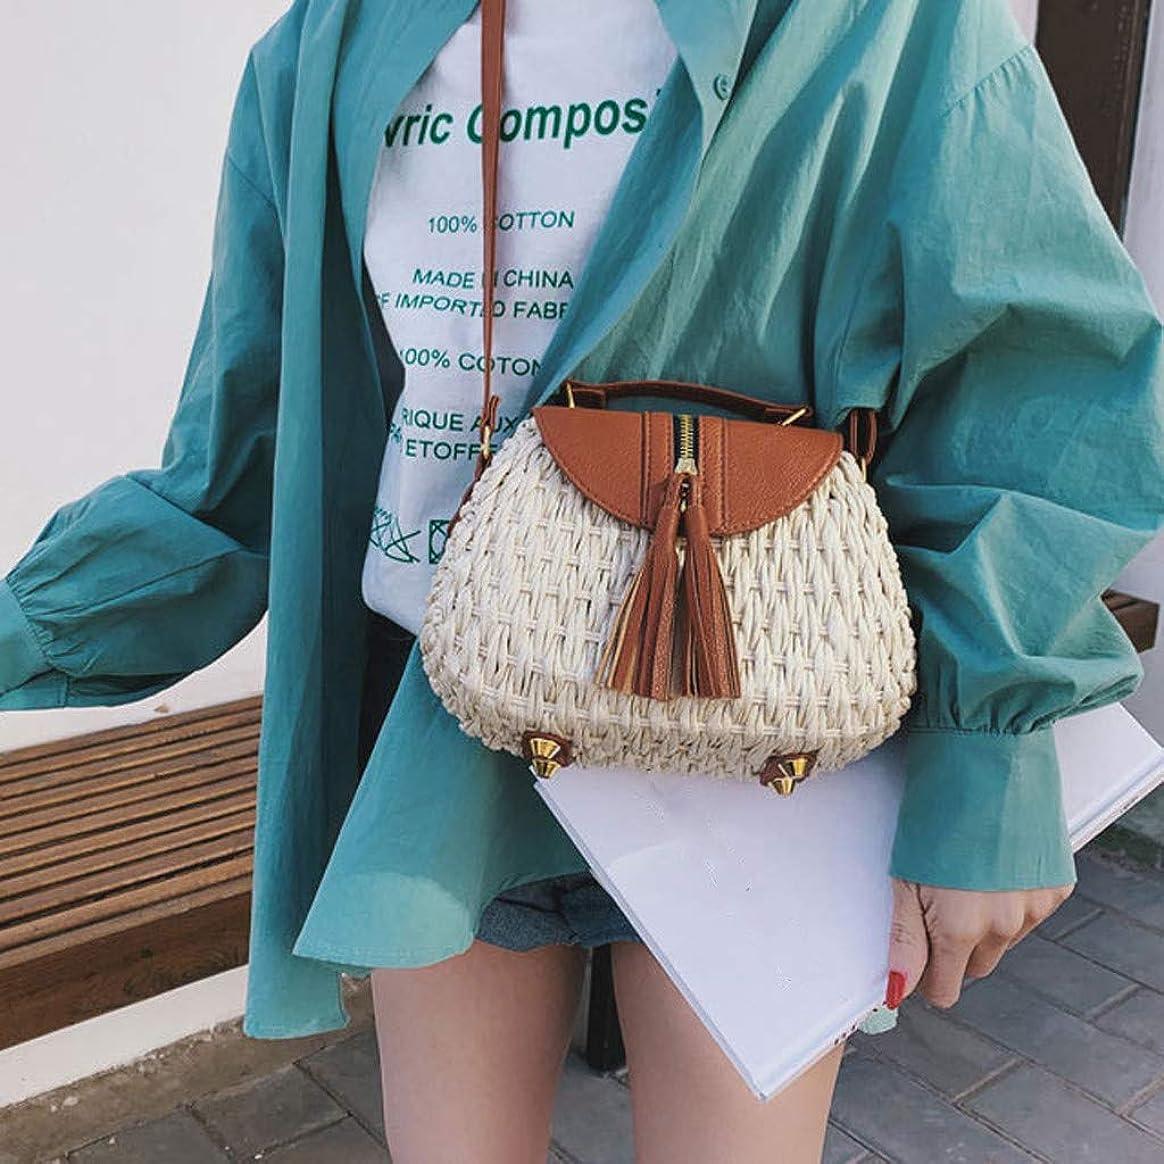 時折暴露する支援女性の流行のタッセルはショルダー?バッグ、女性浜の余暇のクロスボディ袋を織ります、女性のタッセルは浜様式のメッセンジャー袋を織ります、女性方法対照色のビーチ様式のメッセンジャー袋 (ベージュ)